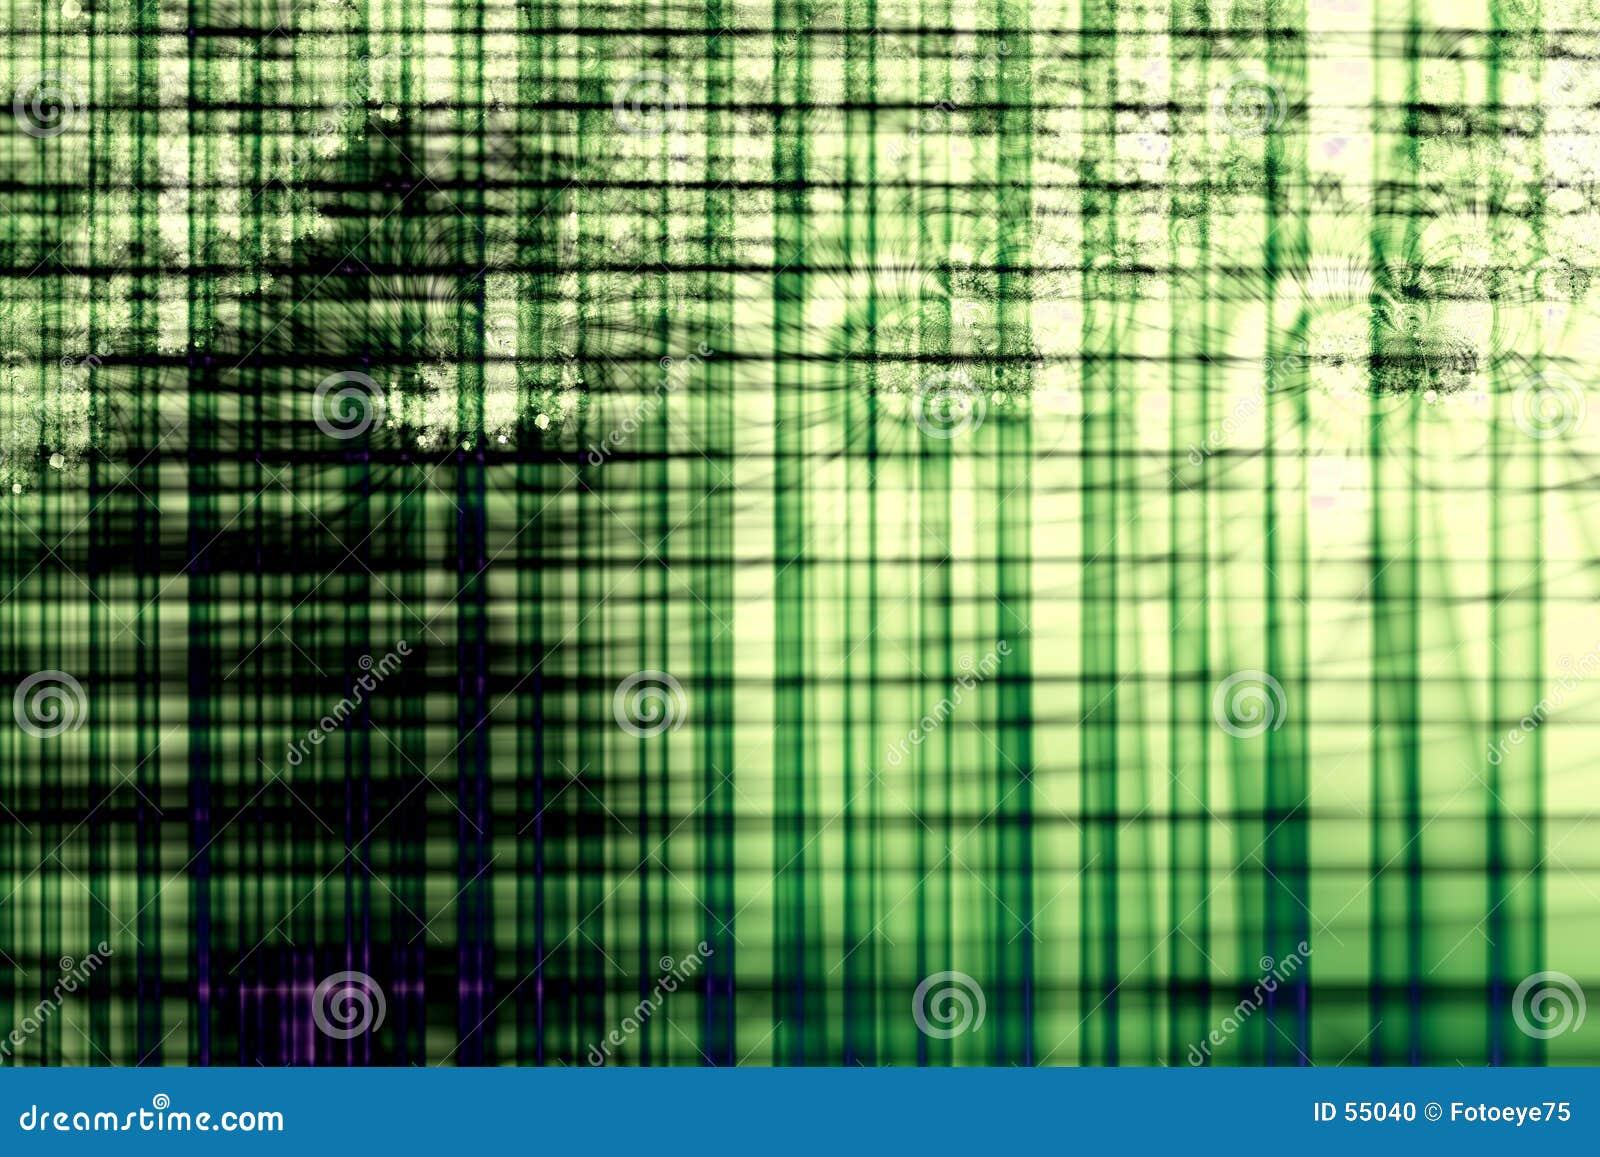 Zielone oczka